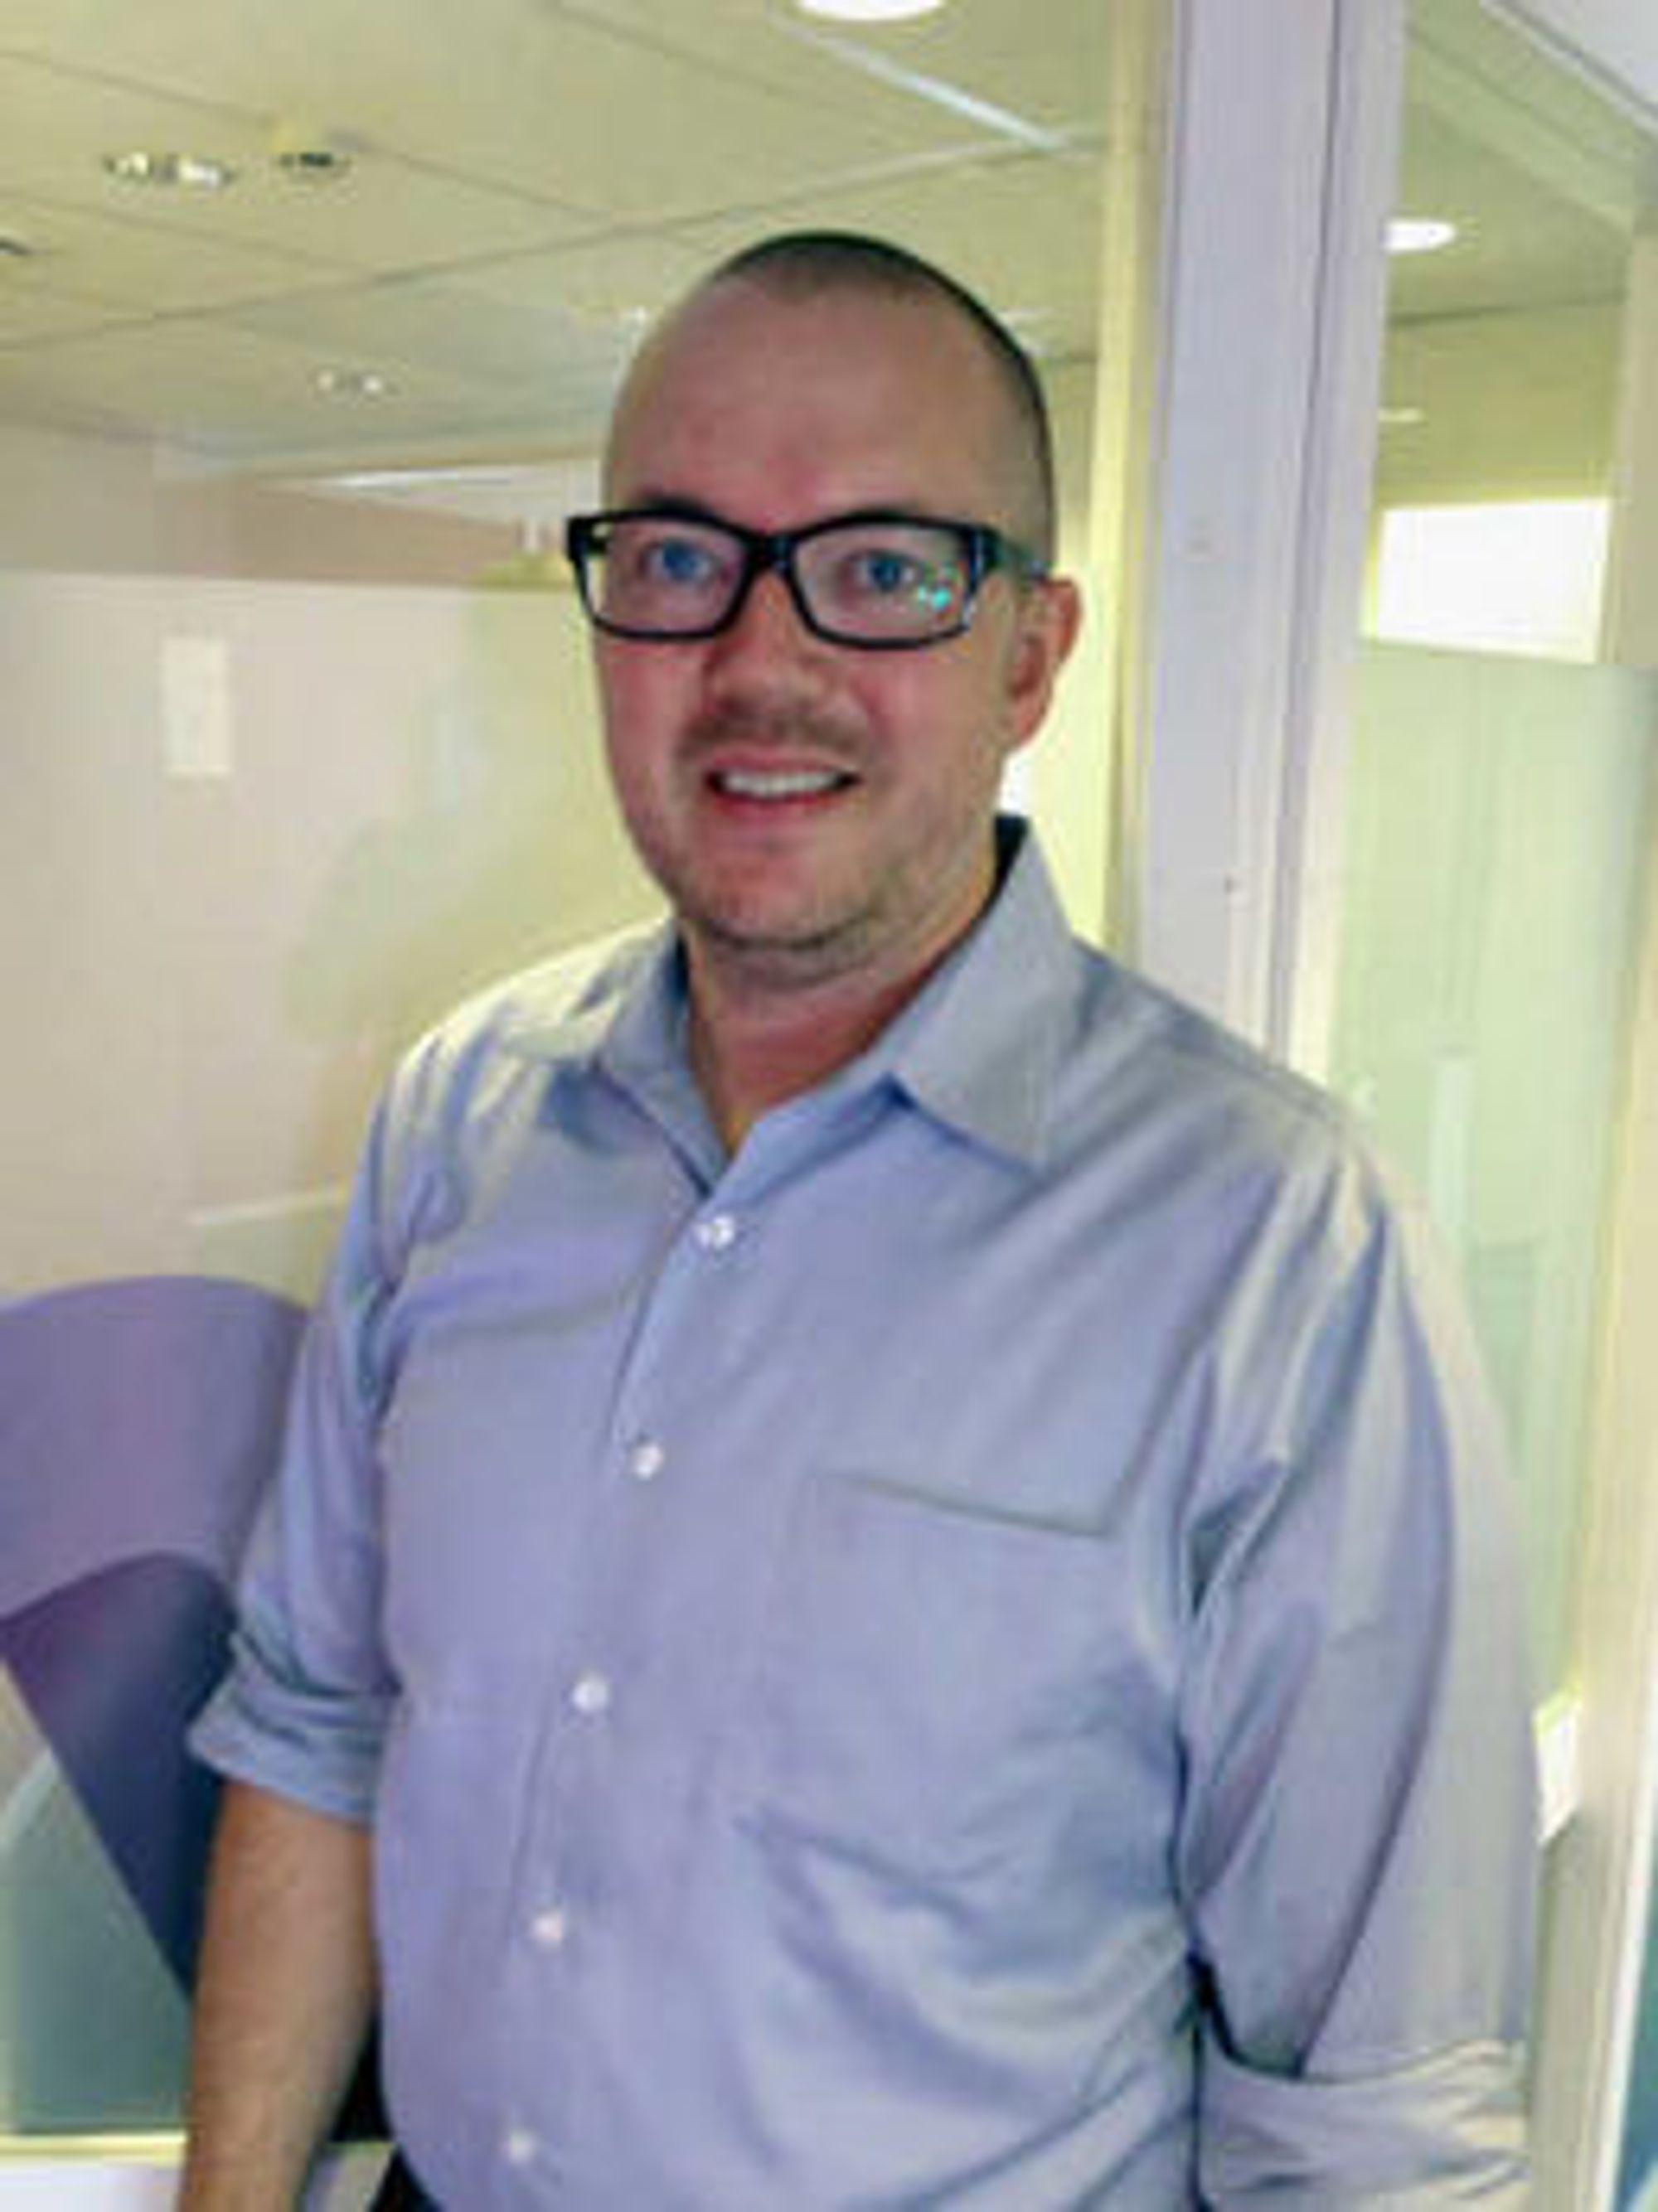 FORNØYD: Dataess-sjef Bjørn Deverill gleder seg over tilsagn fra Skatteetaten.